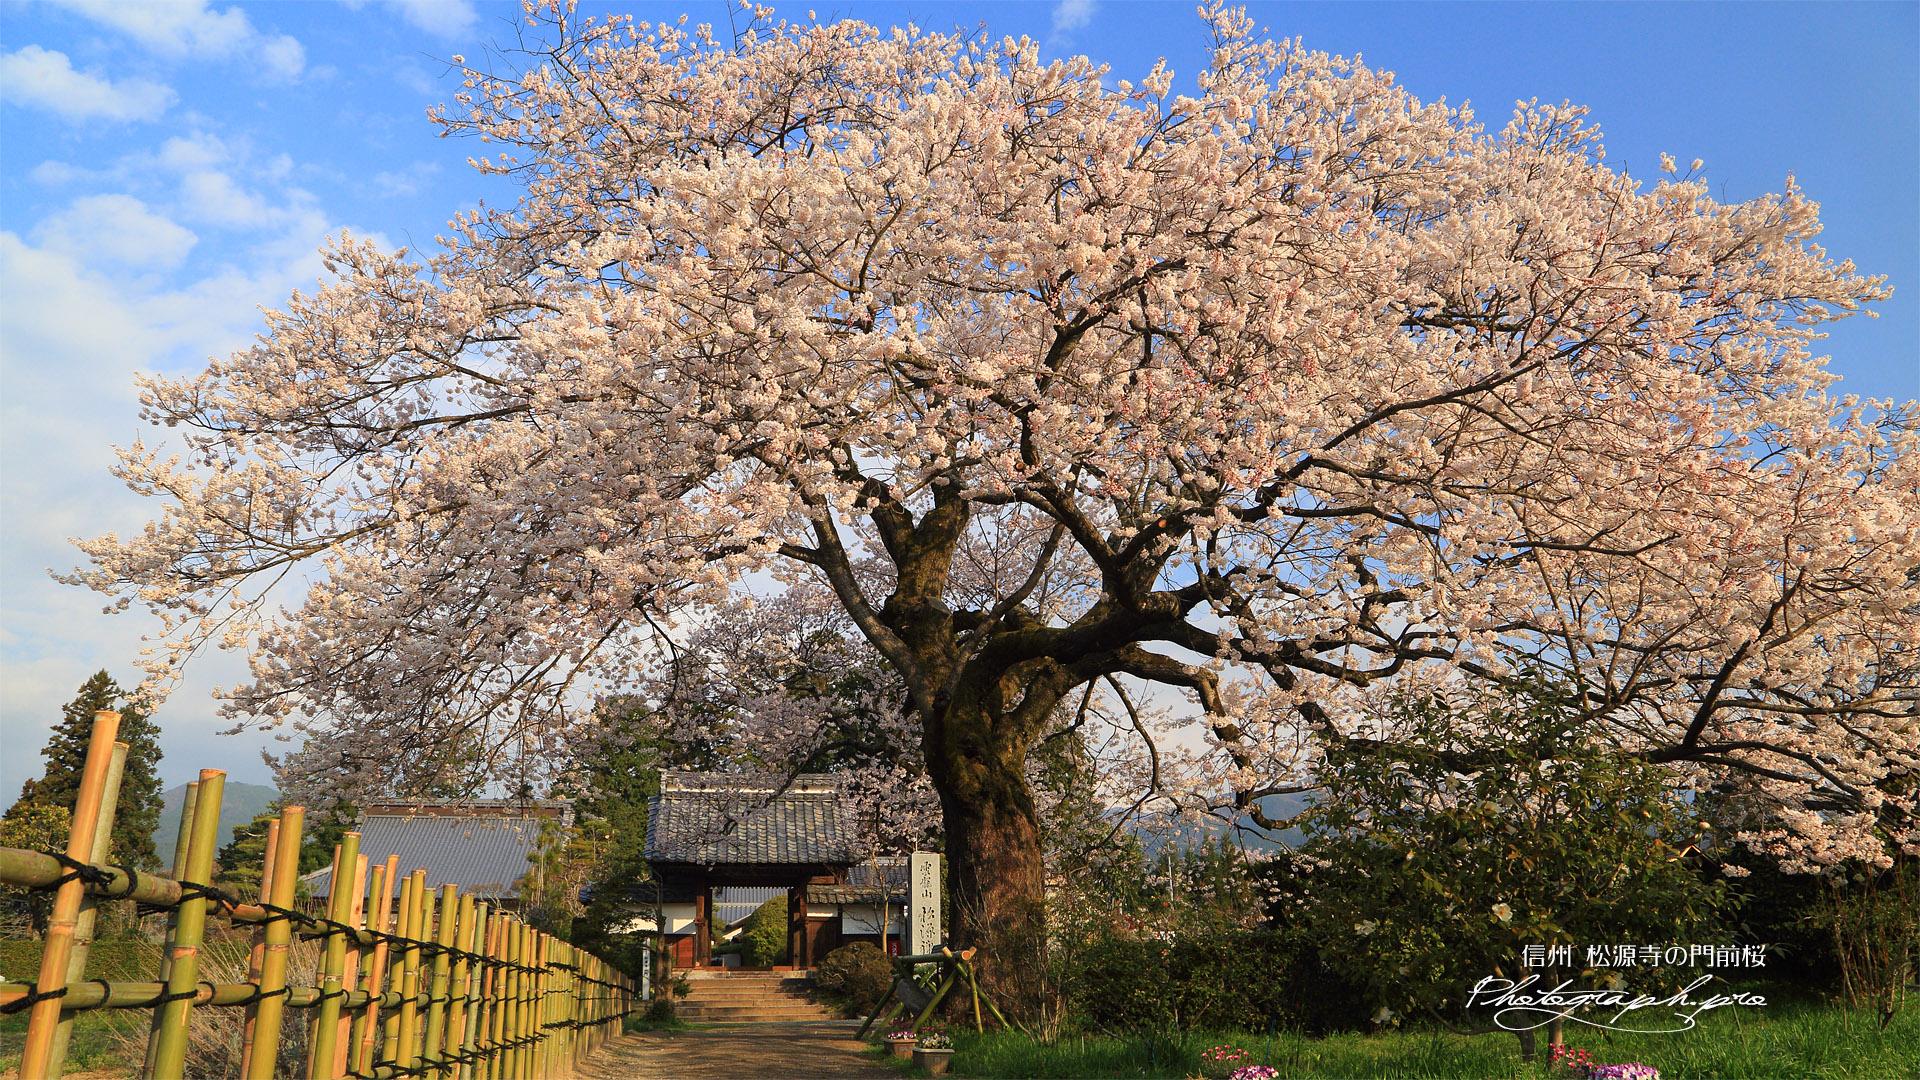 松源寺の門前桜